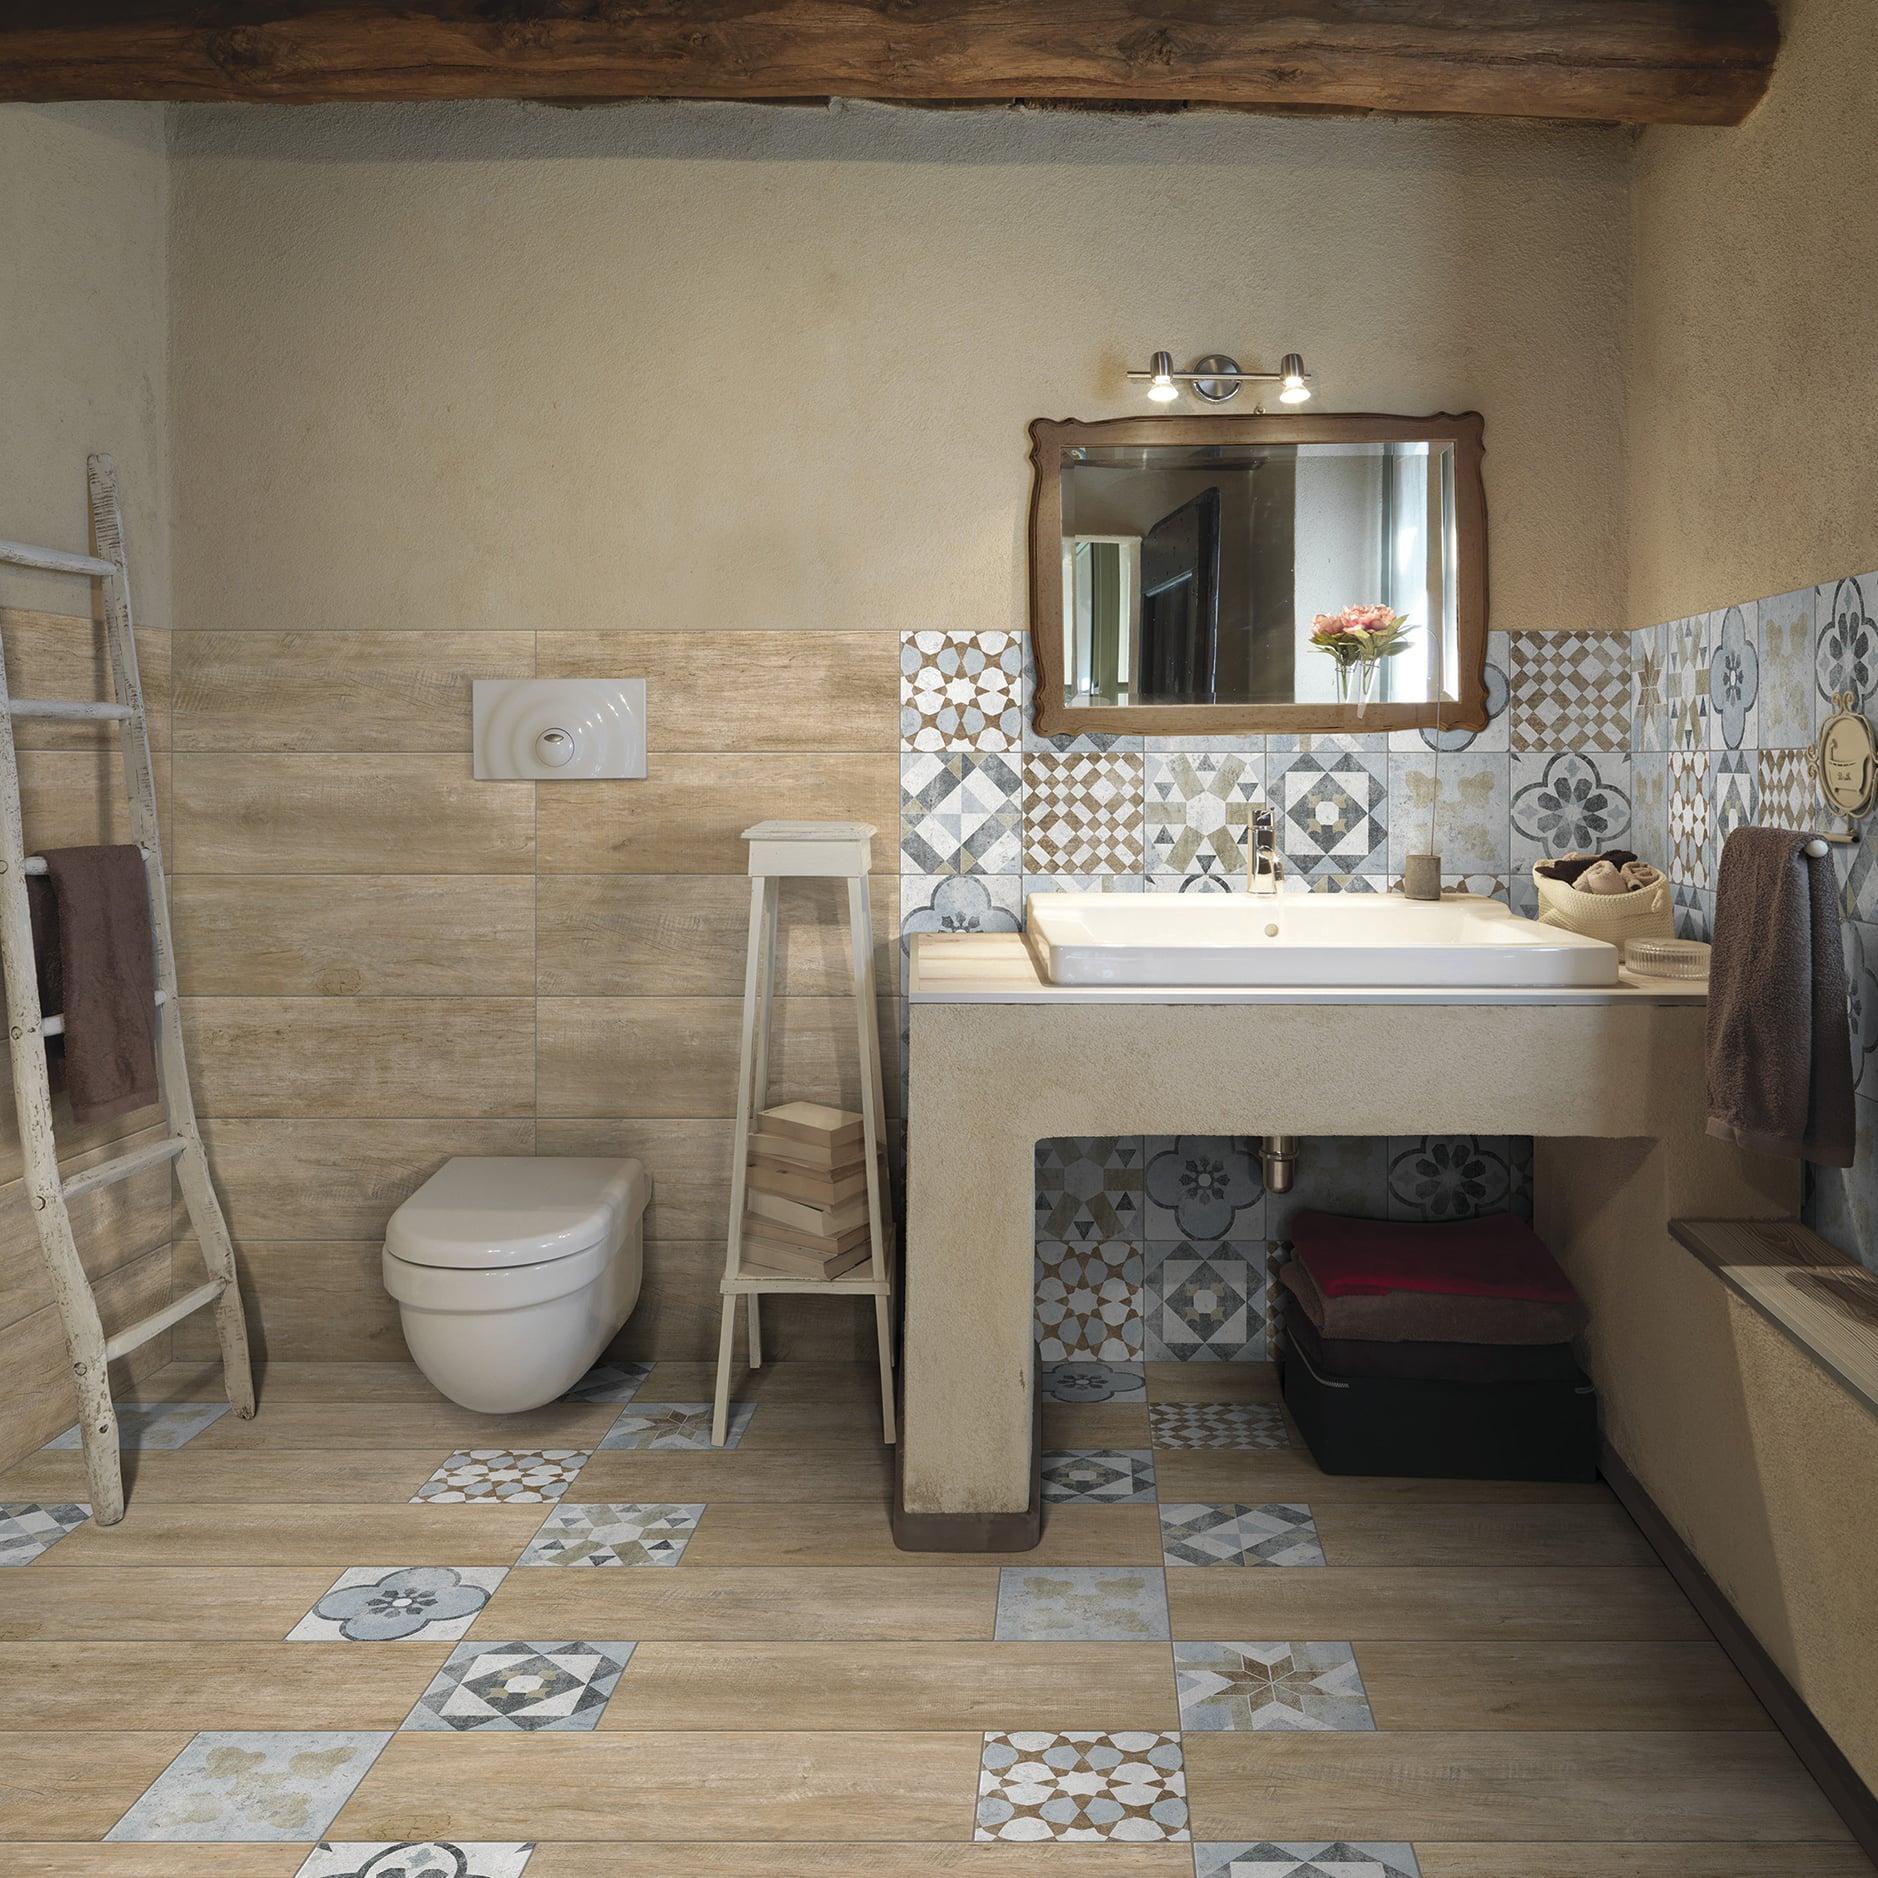 Piastrella Villa 20 X 20 Cm Multicolor Prezzi E Offerte Online